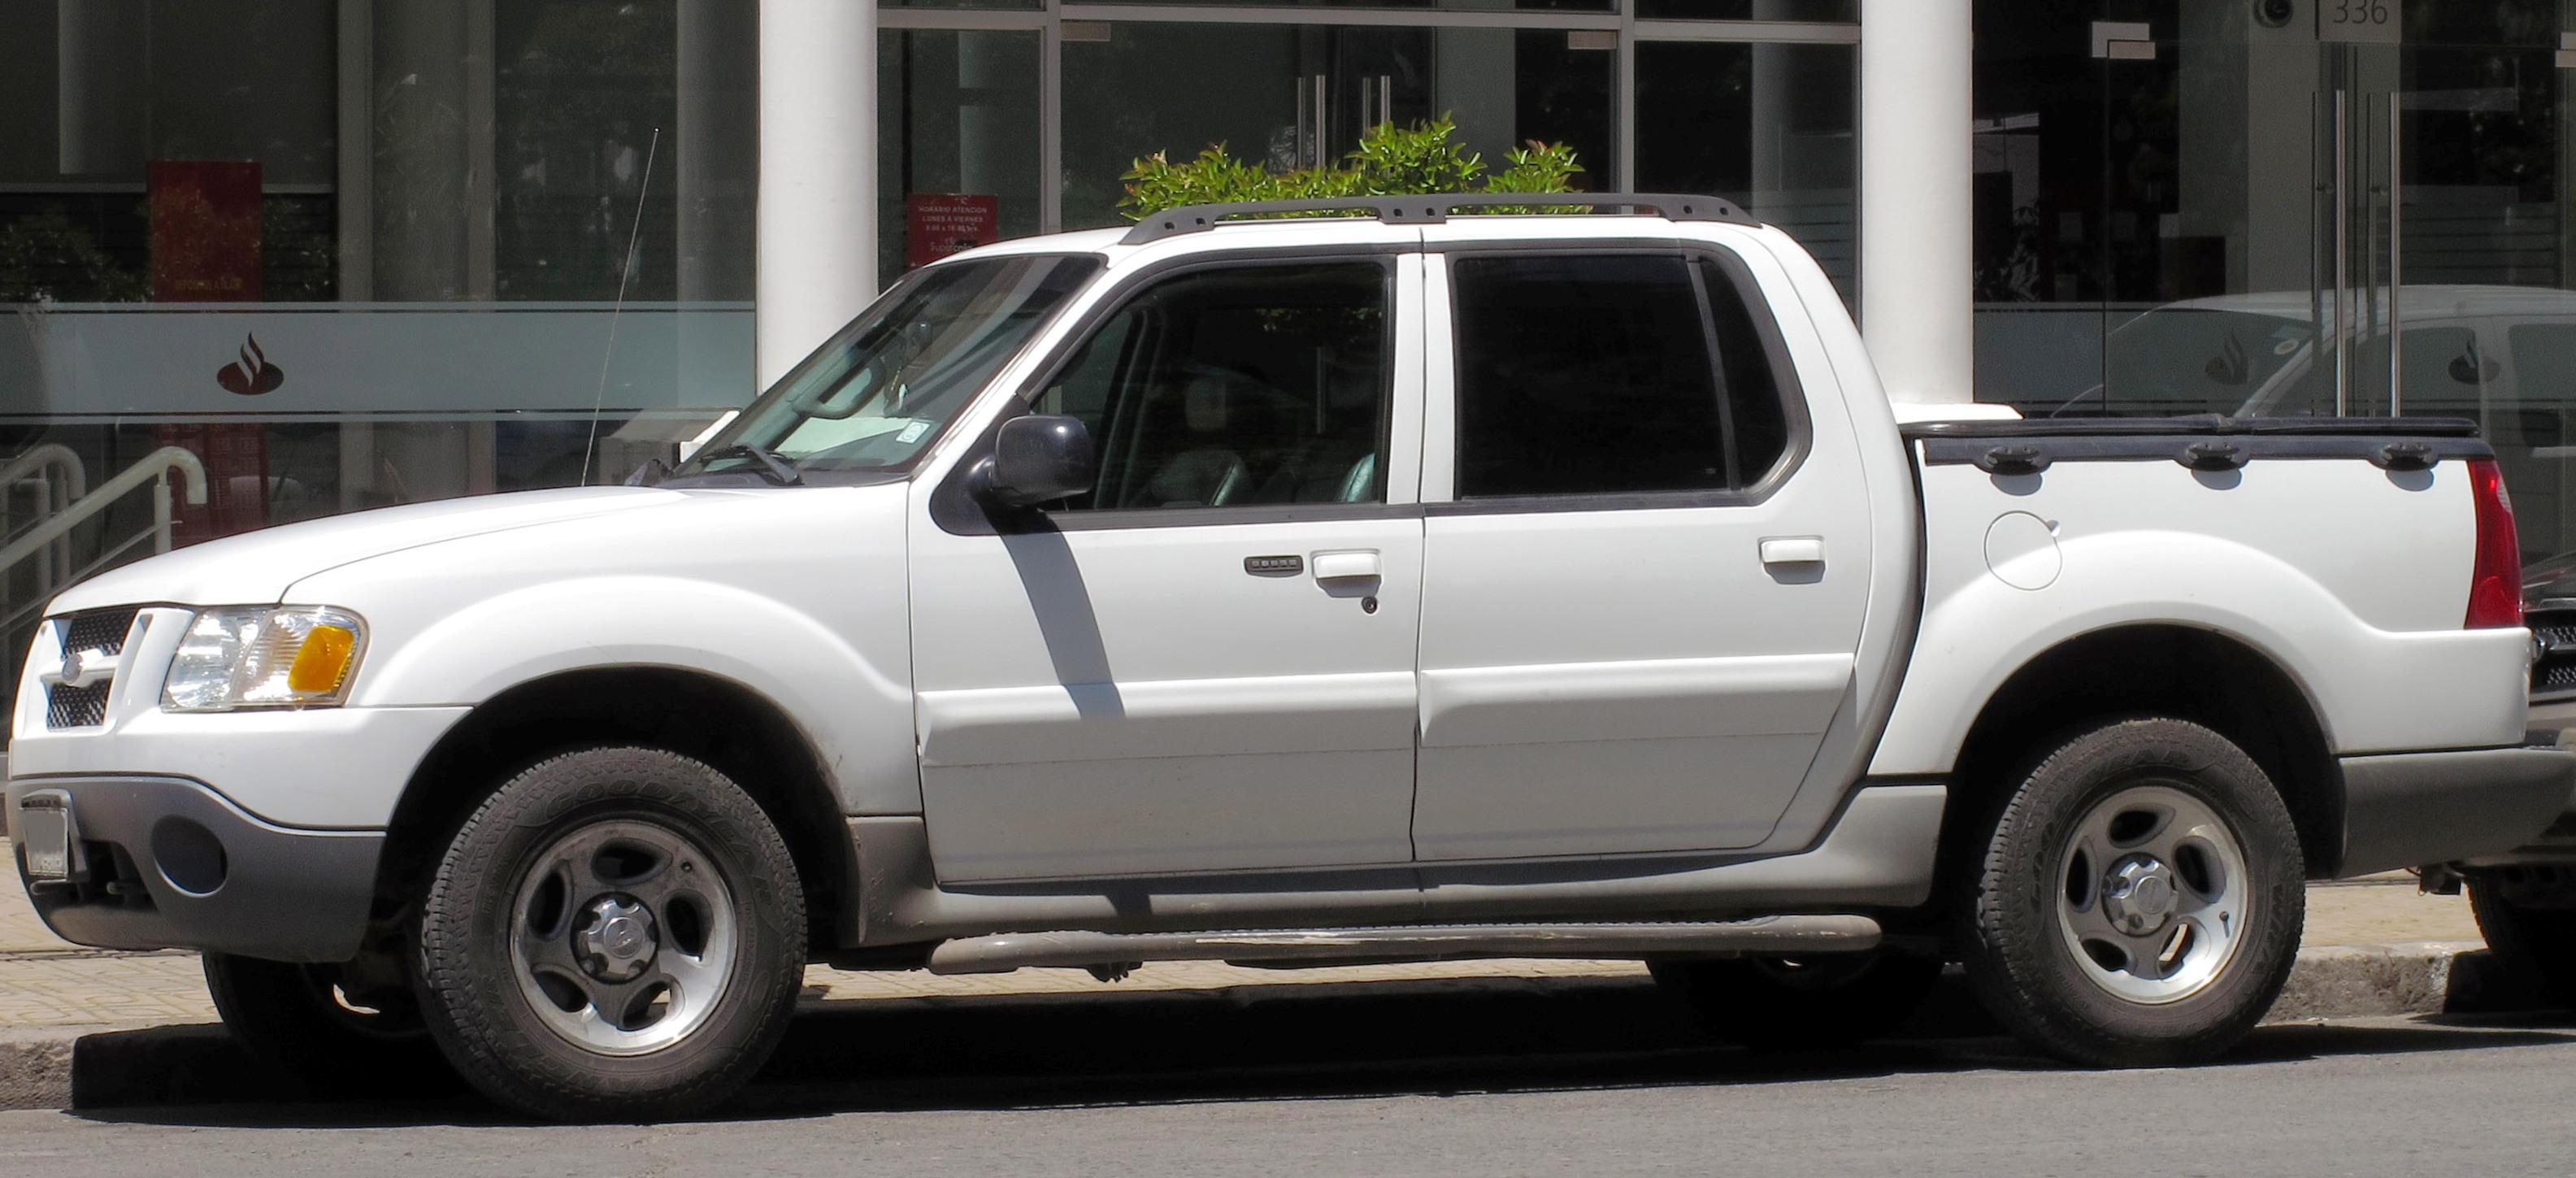 Bz 3100  Ford Ranger Xlt 40 Rear Drum Brakes Need Diagram